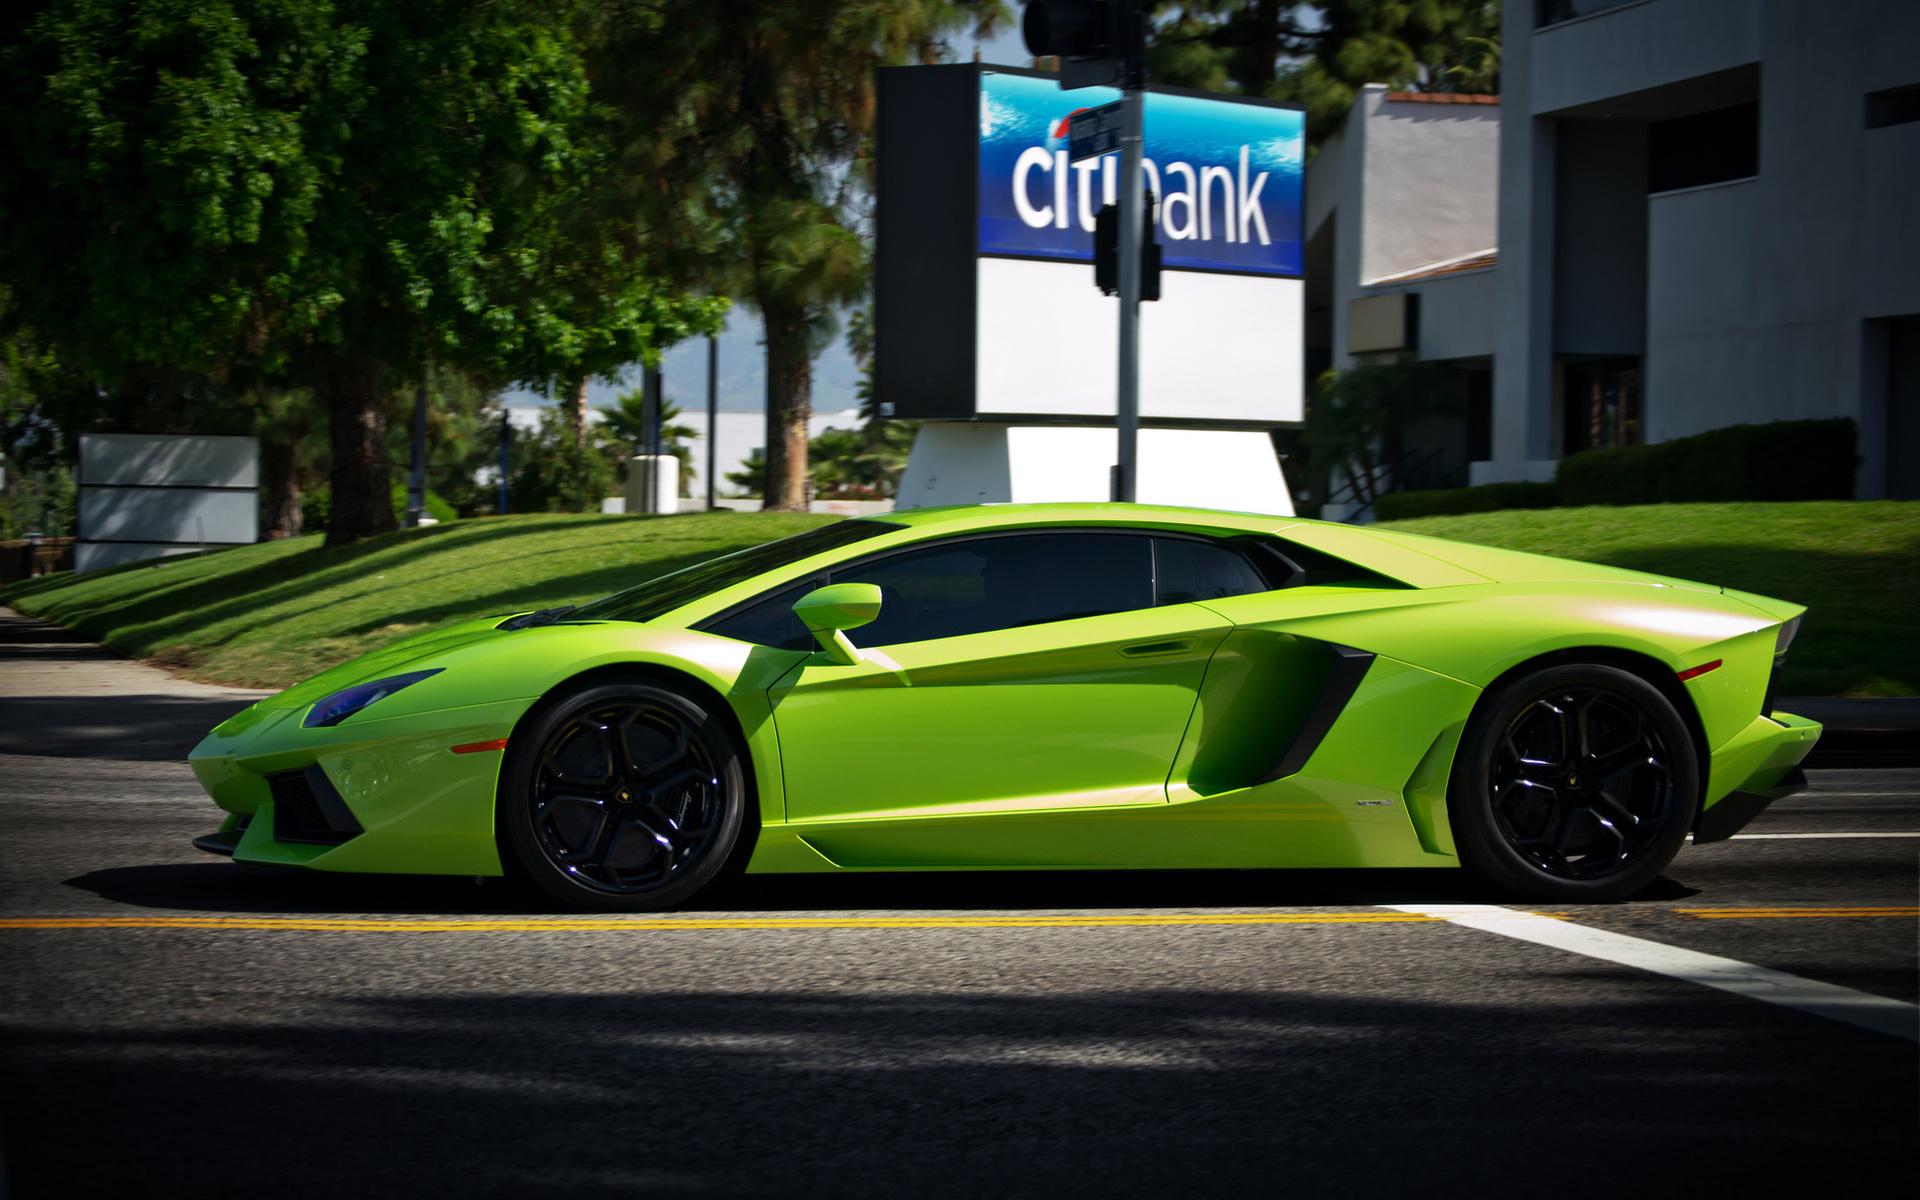 Lamborghini Vehicles Cars Green Supercar Stance Exotic